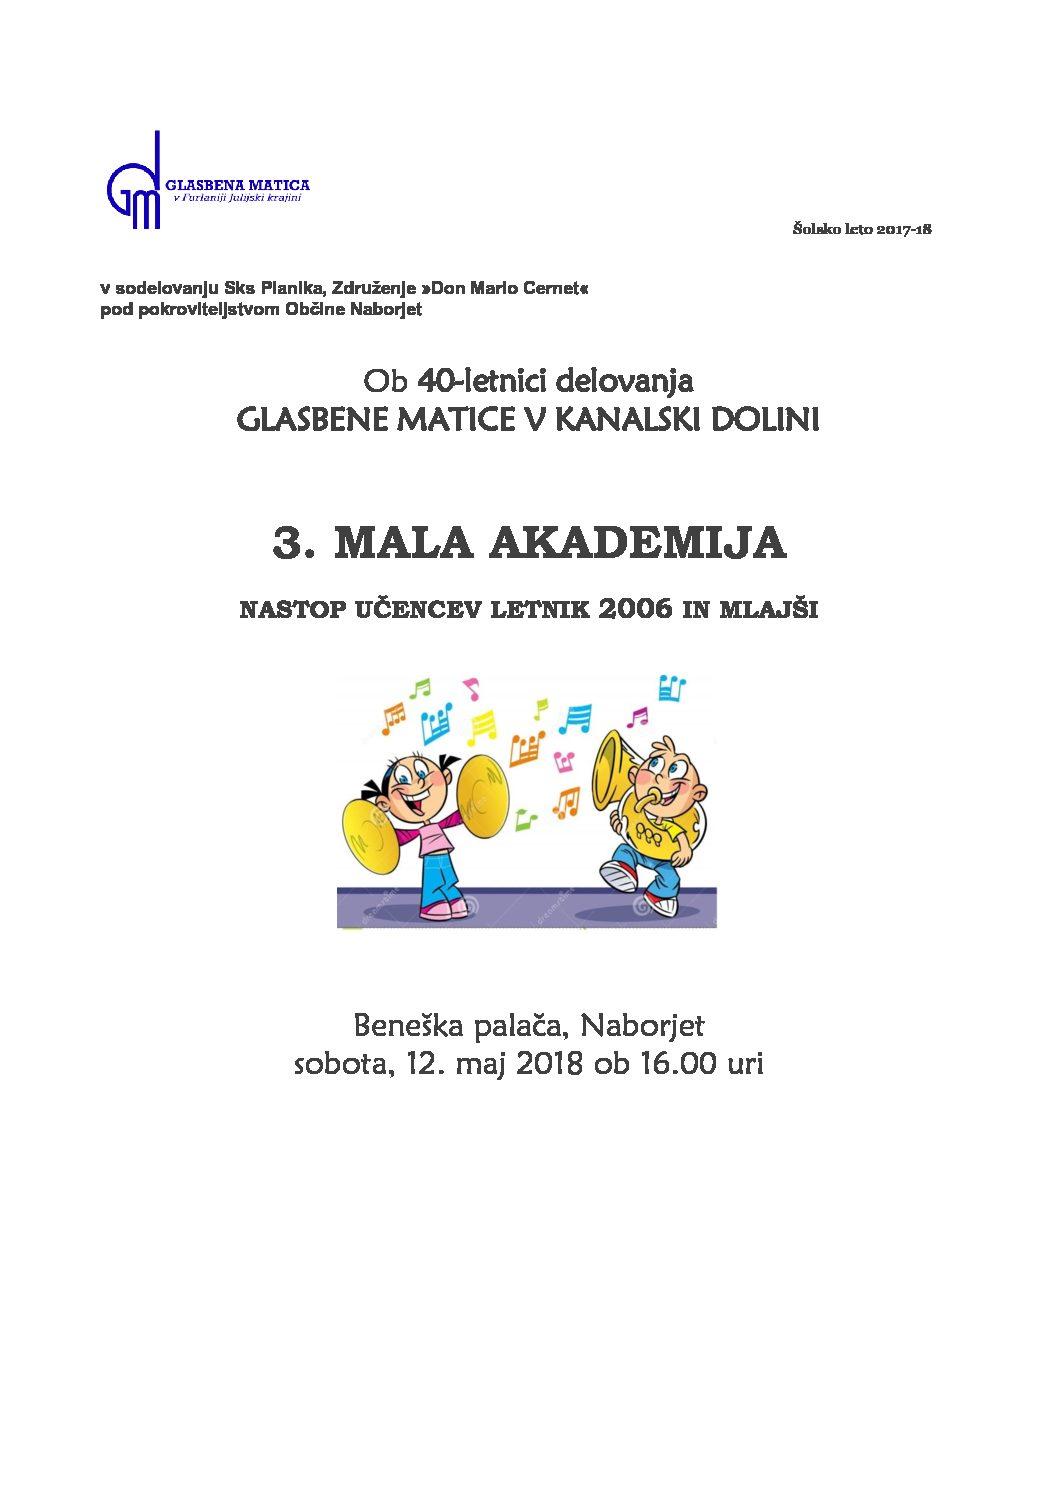 MALA AKADEMIJA-Beneška palača, Naborjet, 12.5.2018 ob 16.uri